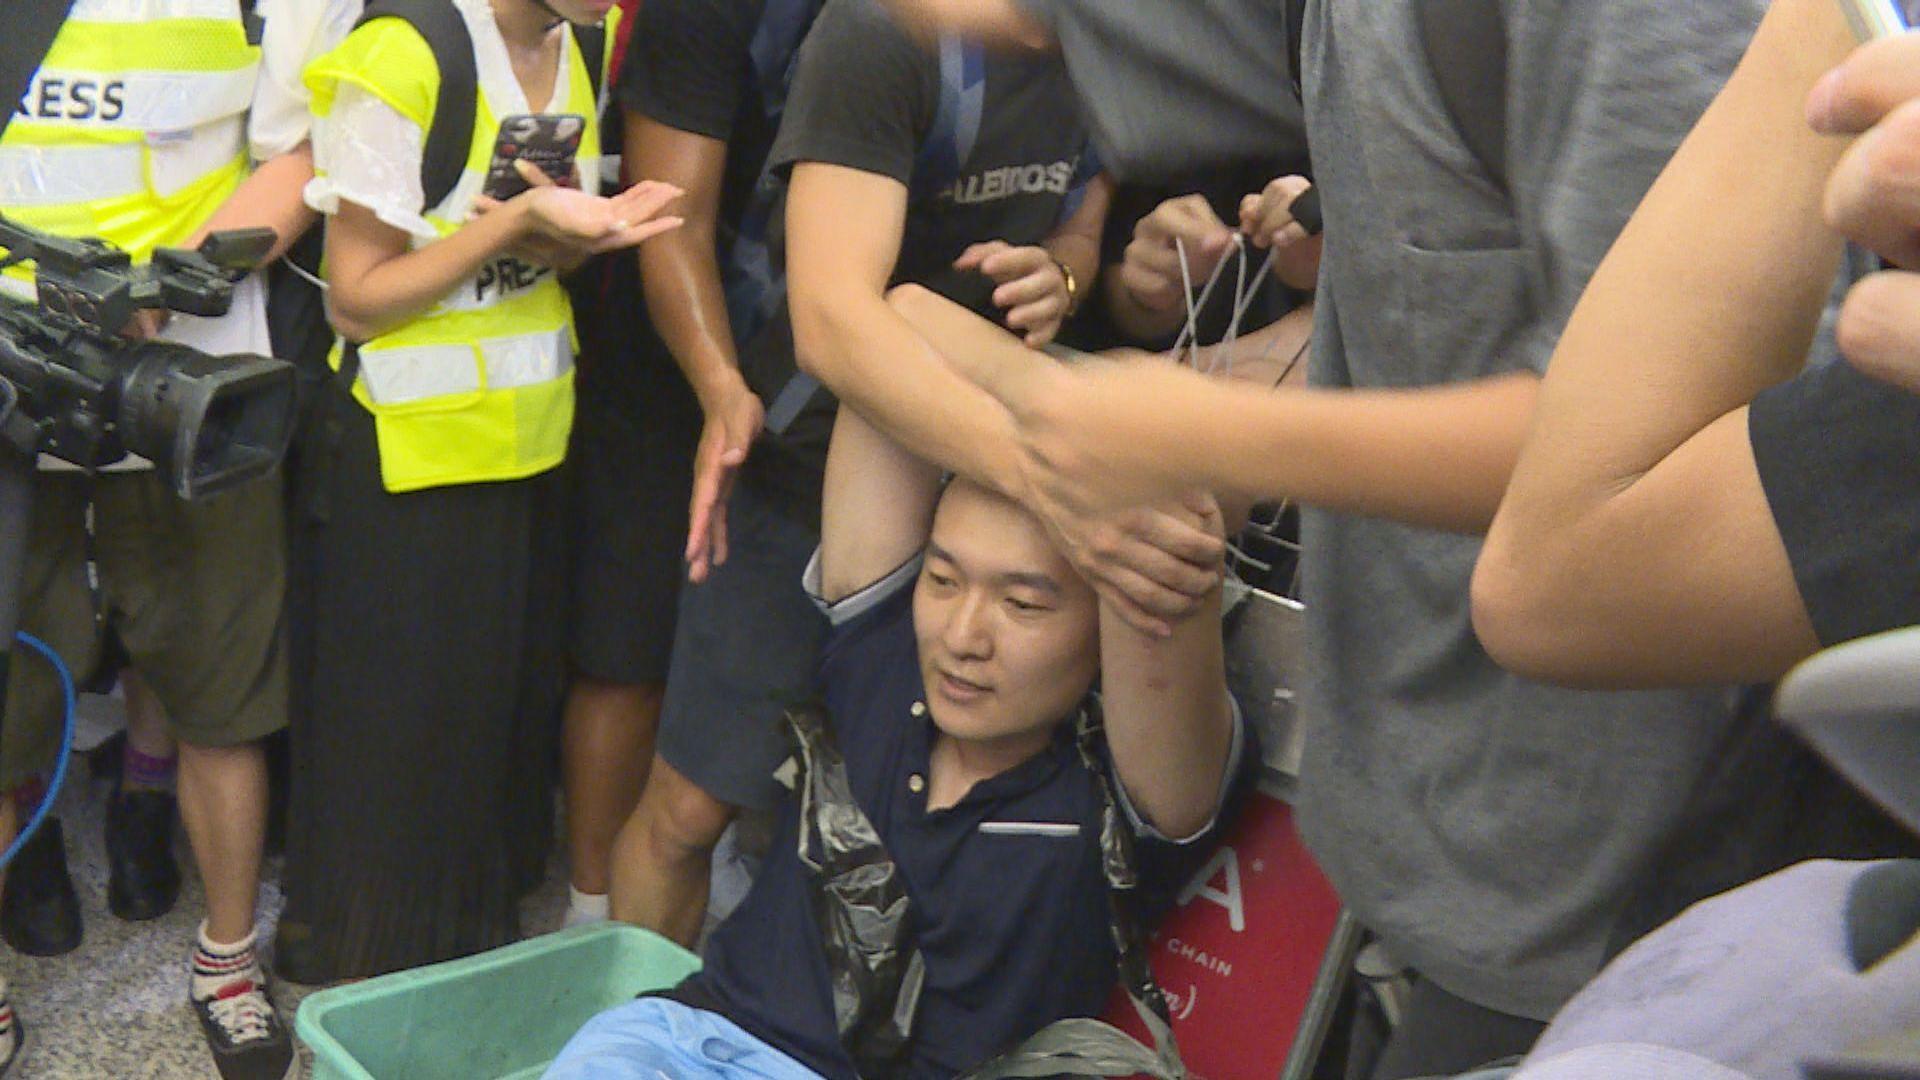 前年機場反修例集會內地男遭包圍 三人暴動及襲擊罪成